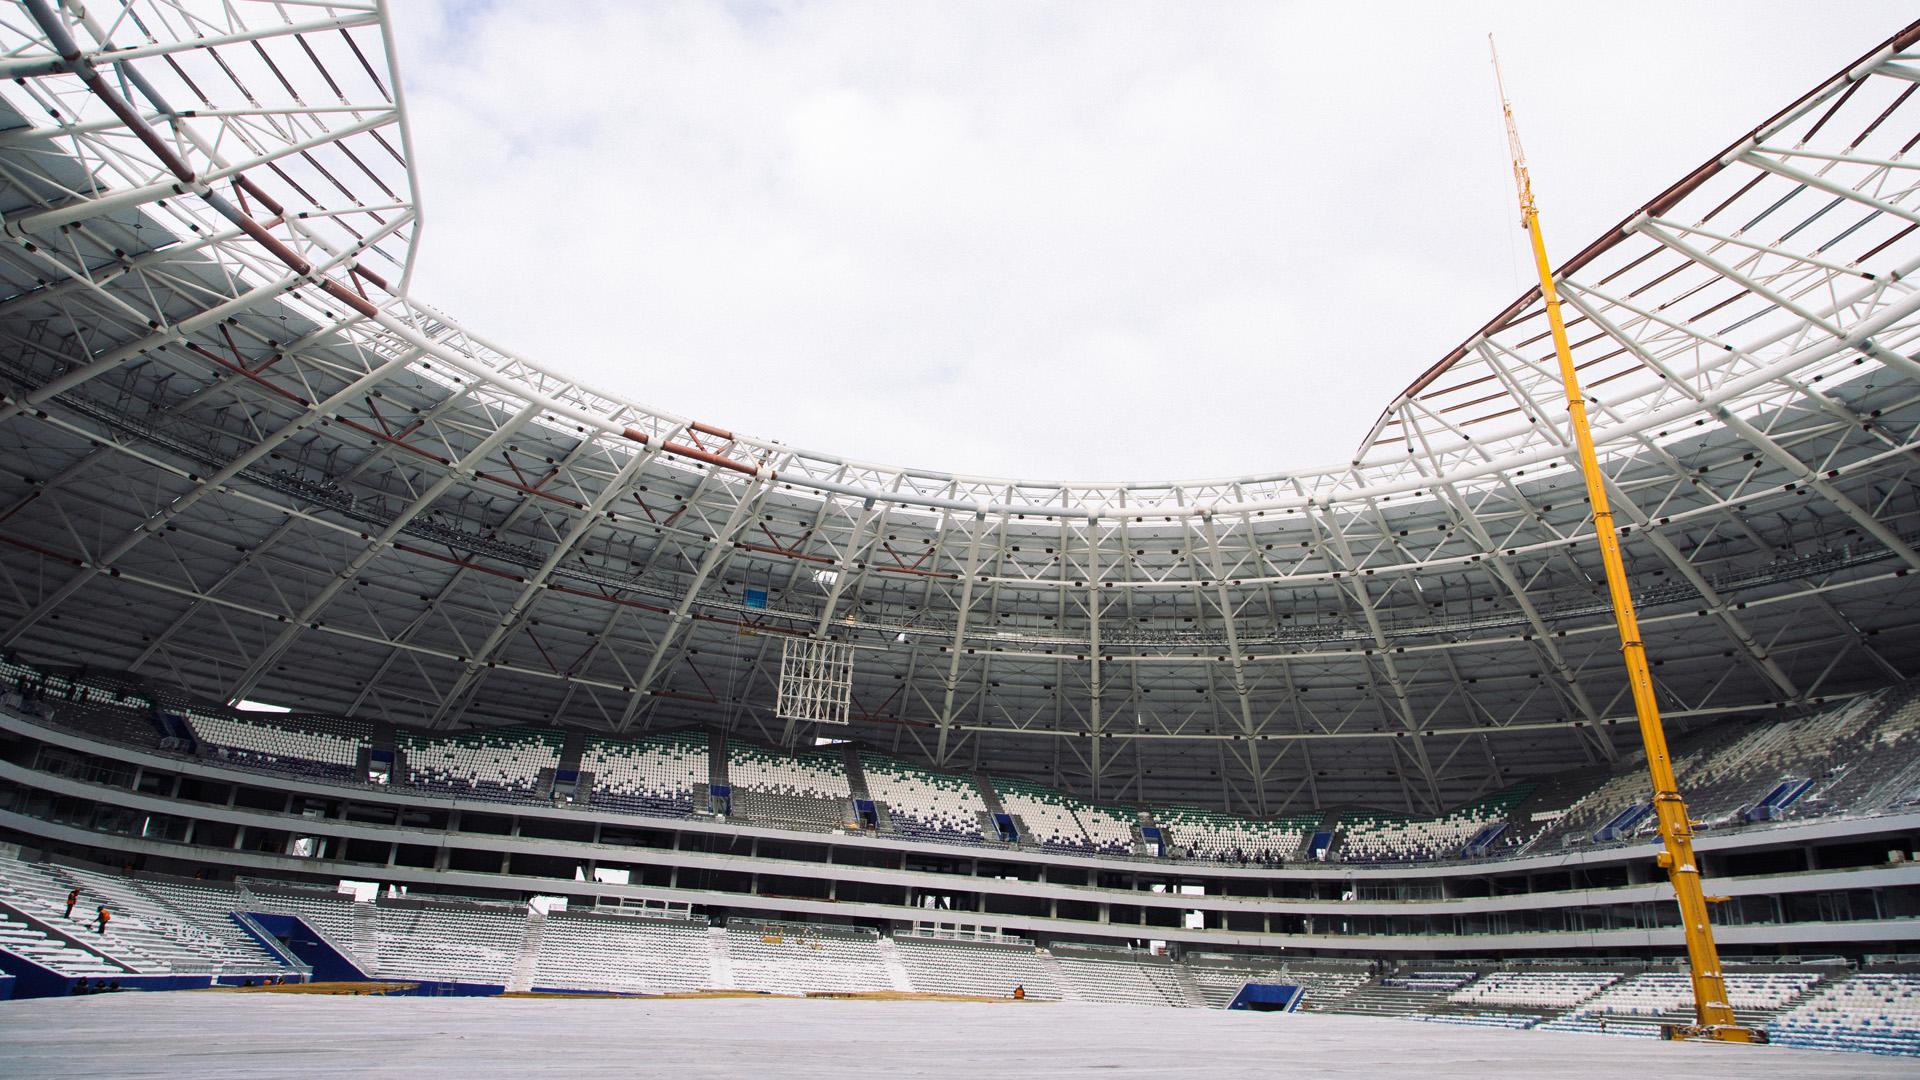 Samara Cosmos Arena Stade